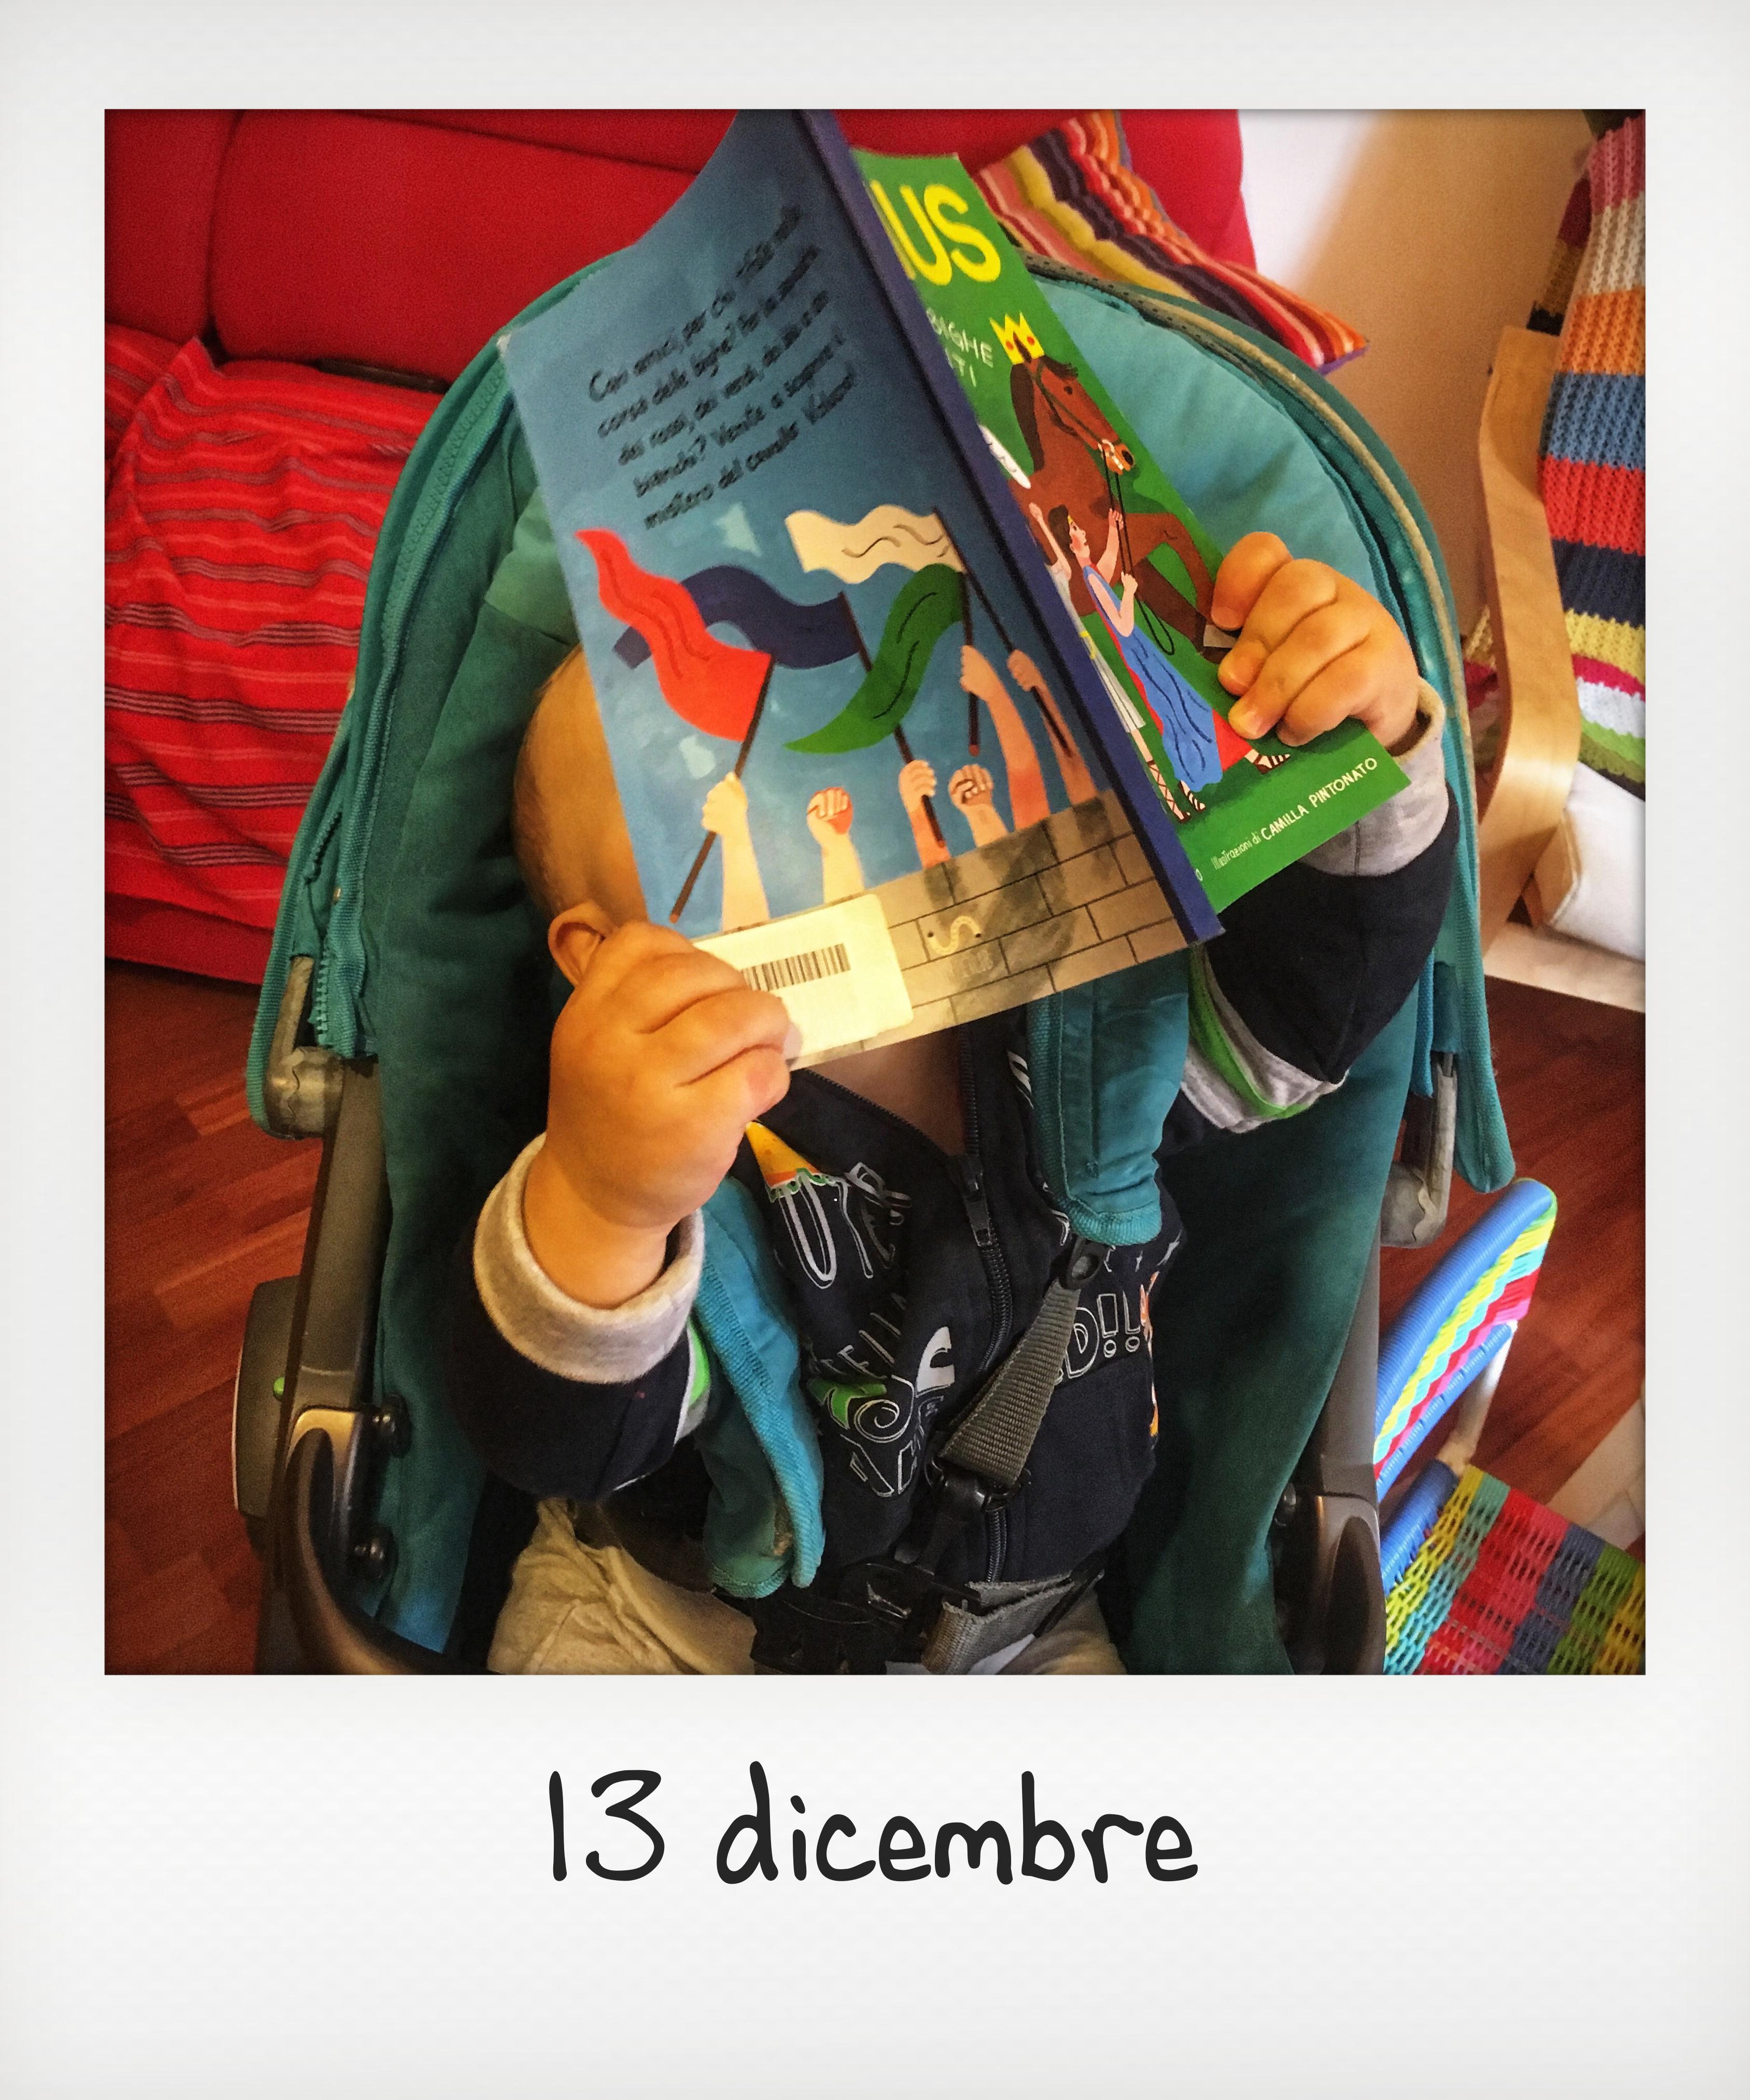 Regali per bambini: libri per piccoli viaggiatori